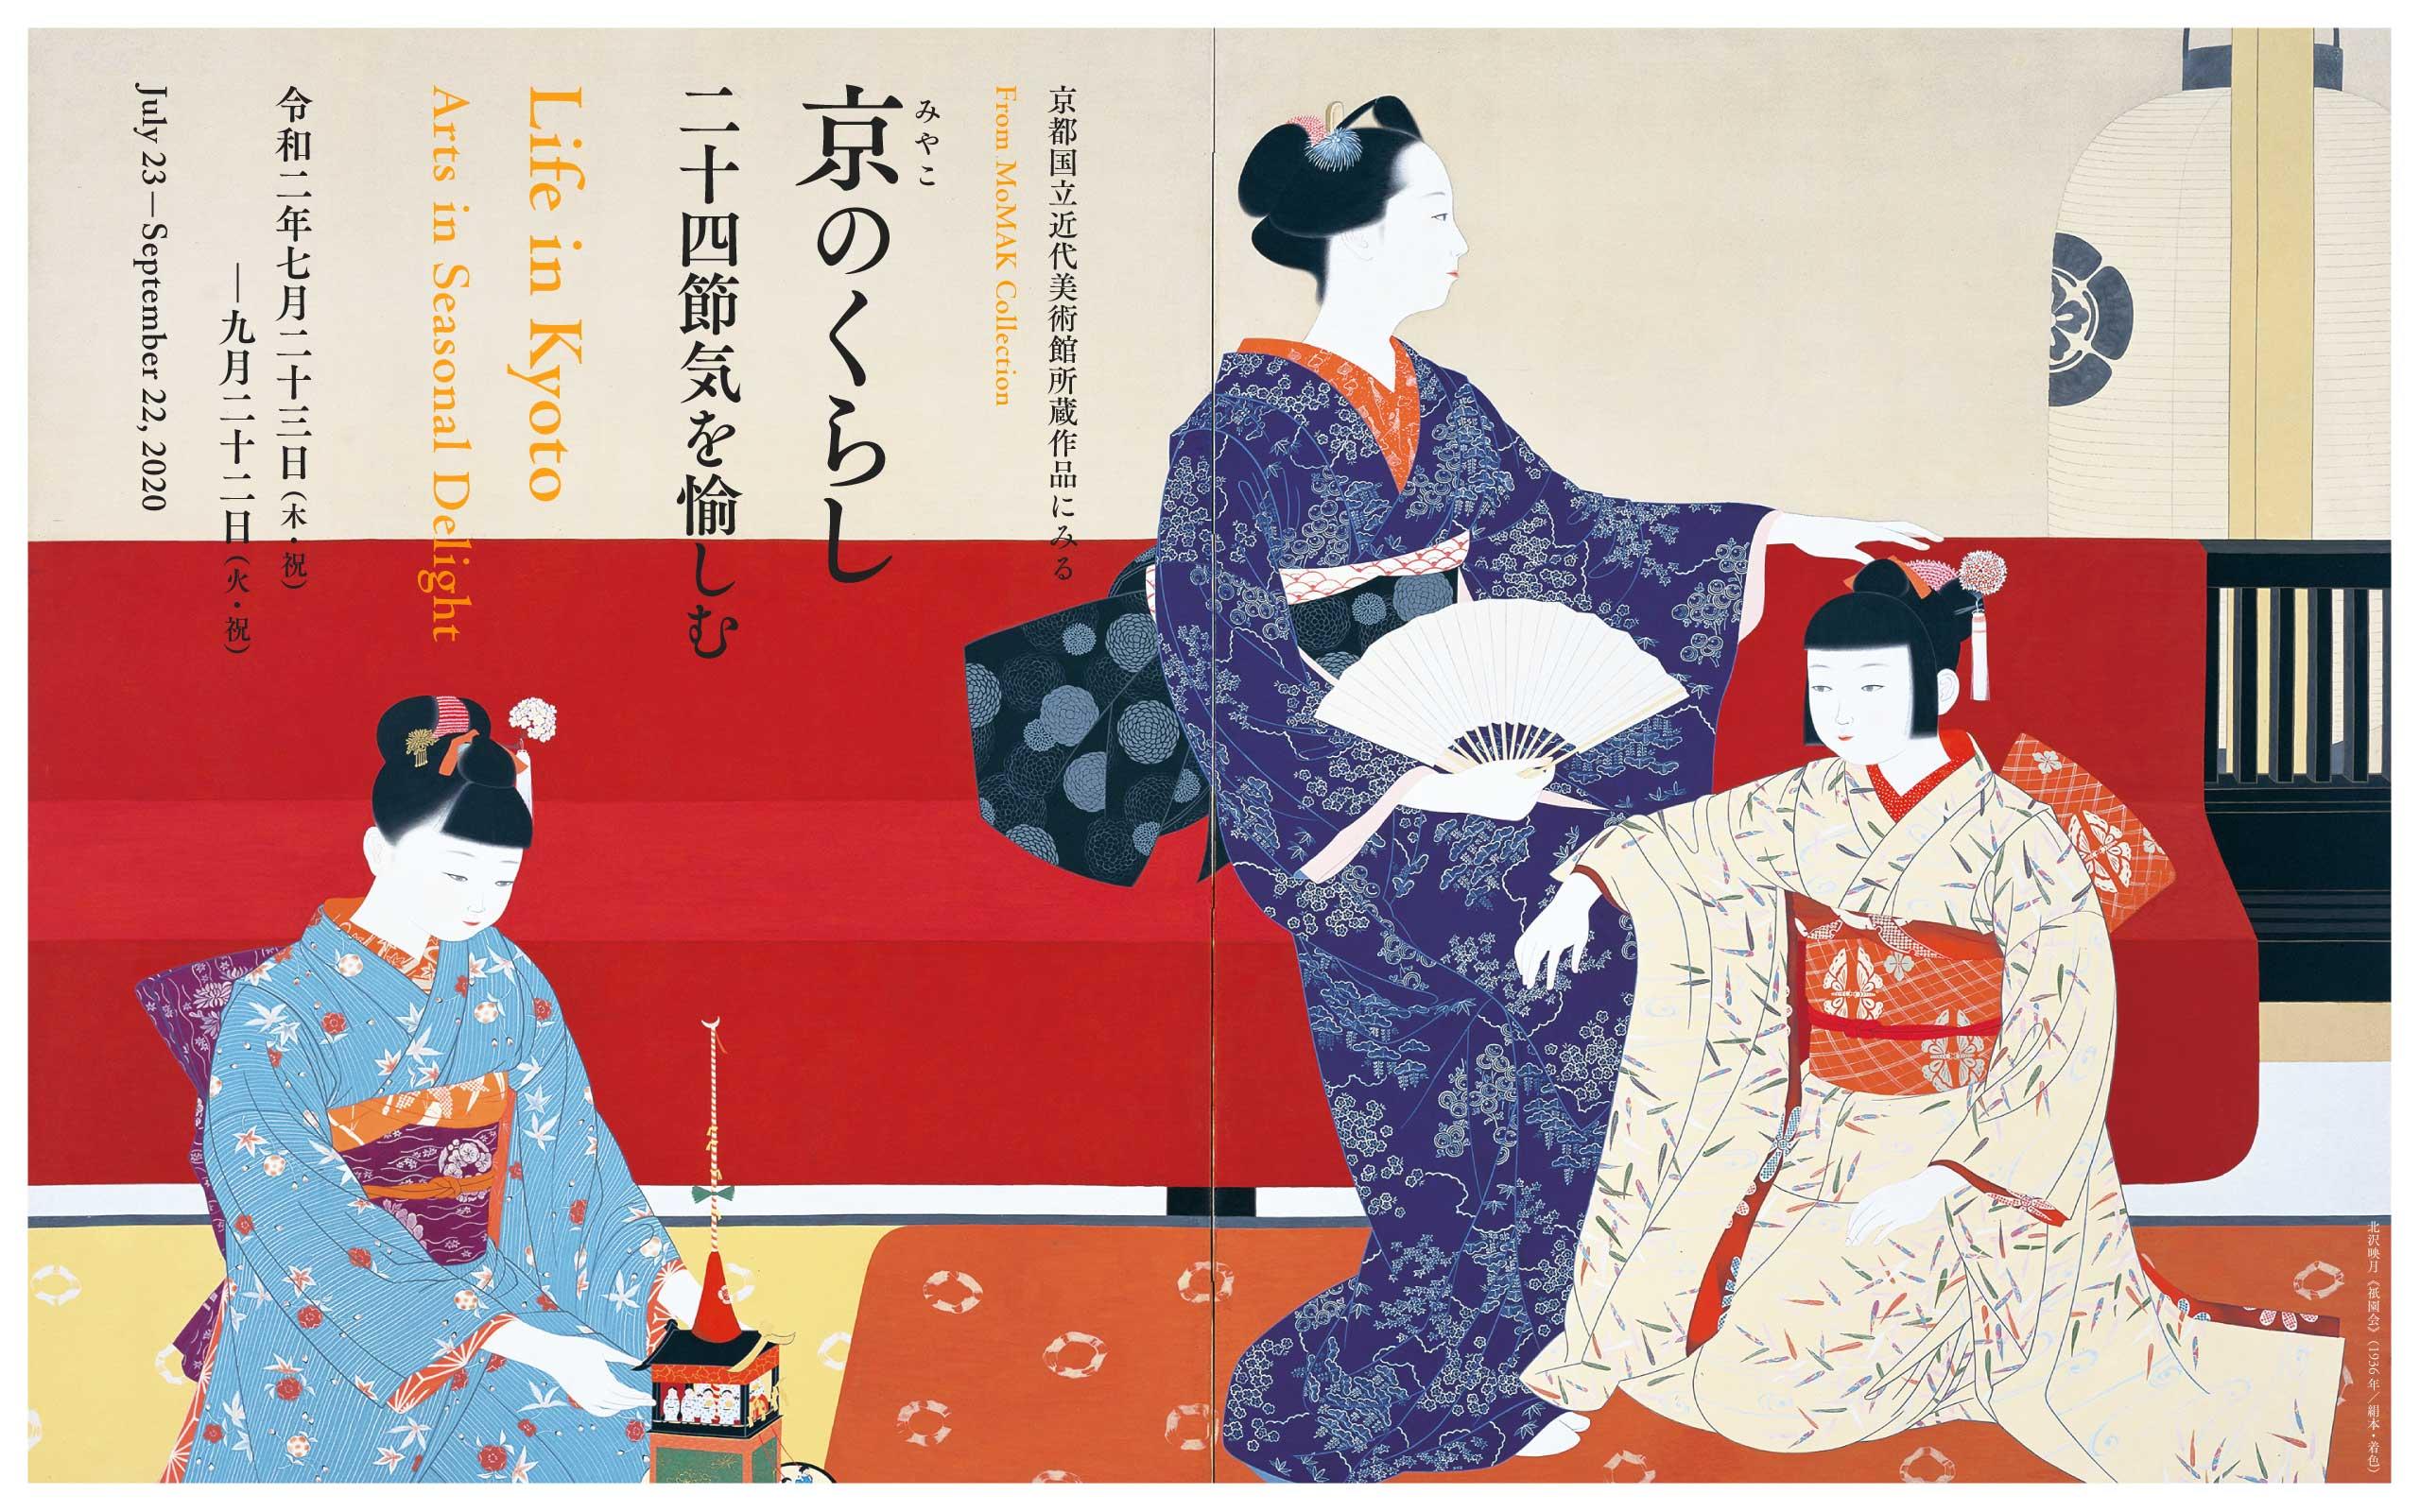 京都国立近代美術館所蔵作品にみる  京(みやこ)のくらし――二十四節気を愉しむ